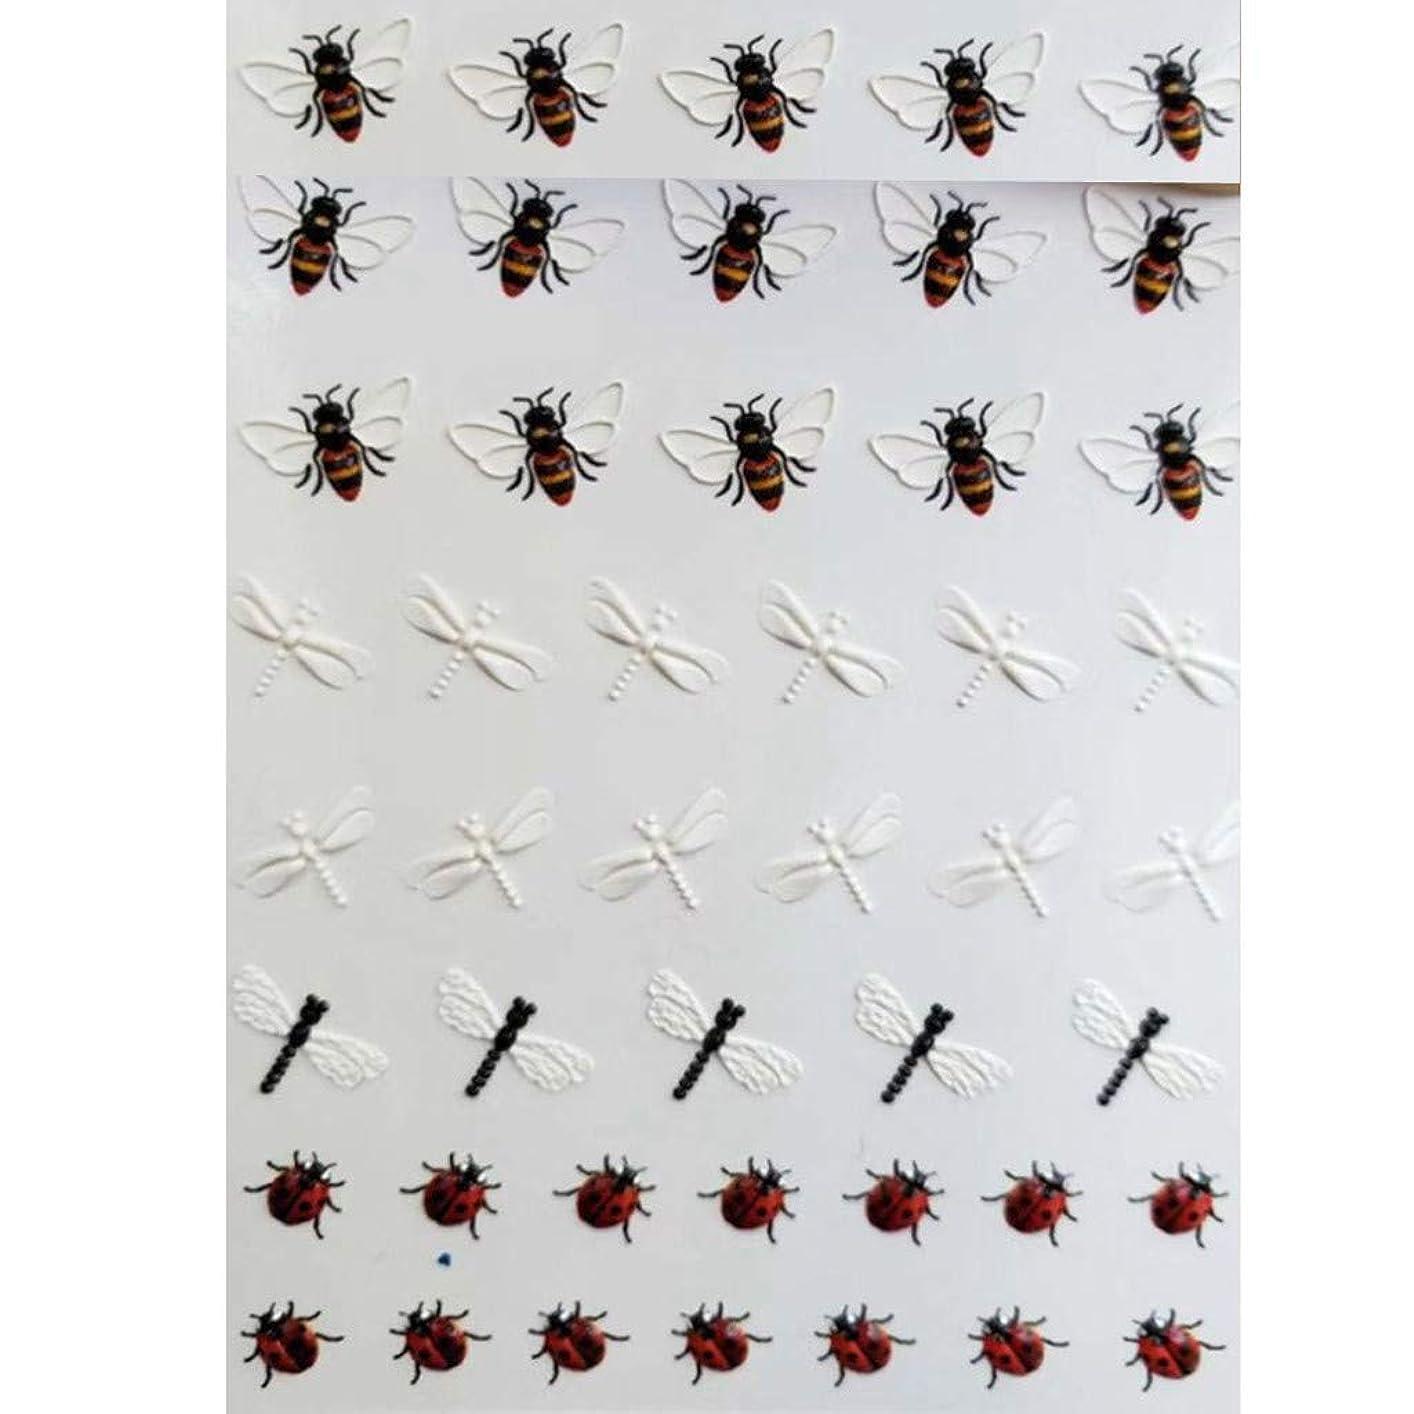 オプションくしゃくしゃバルブLazayyii 6d刻印 アクリル ネイル ステッカー ネイルステッカーエンボスフラワーウォーター (B)